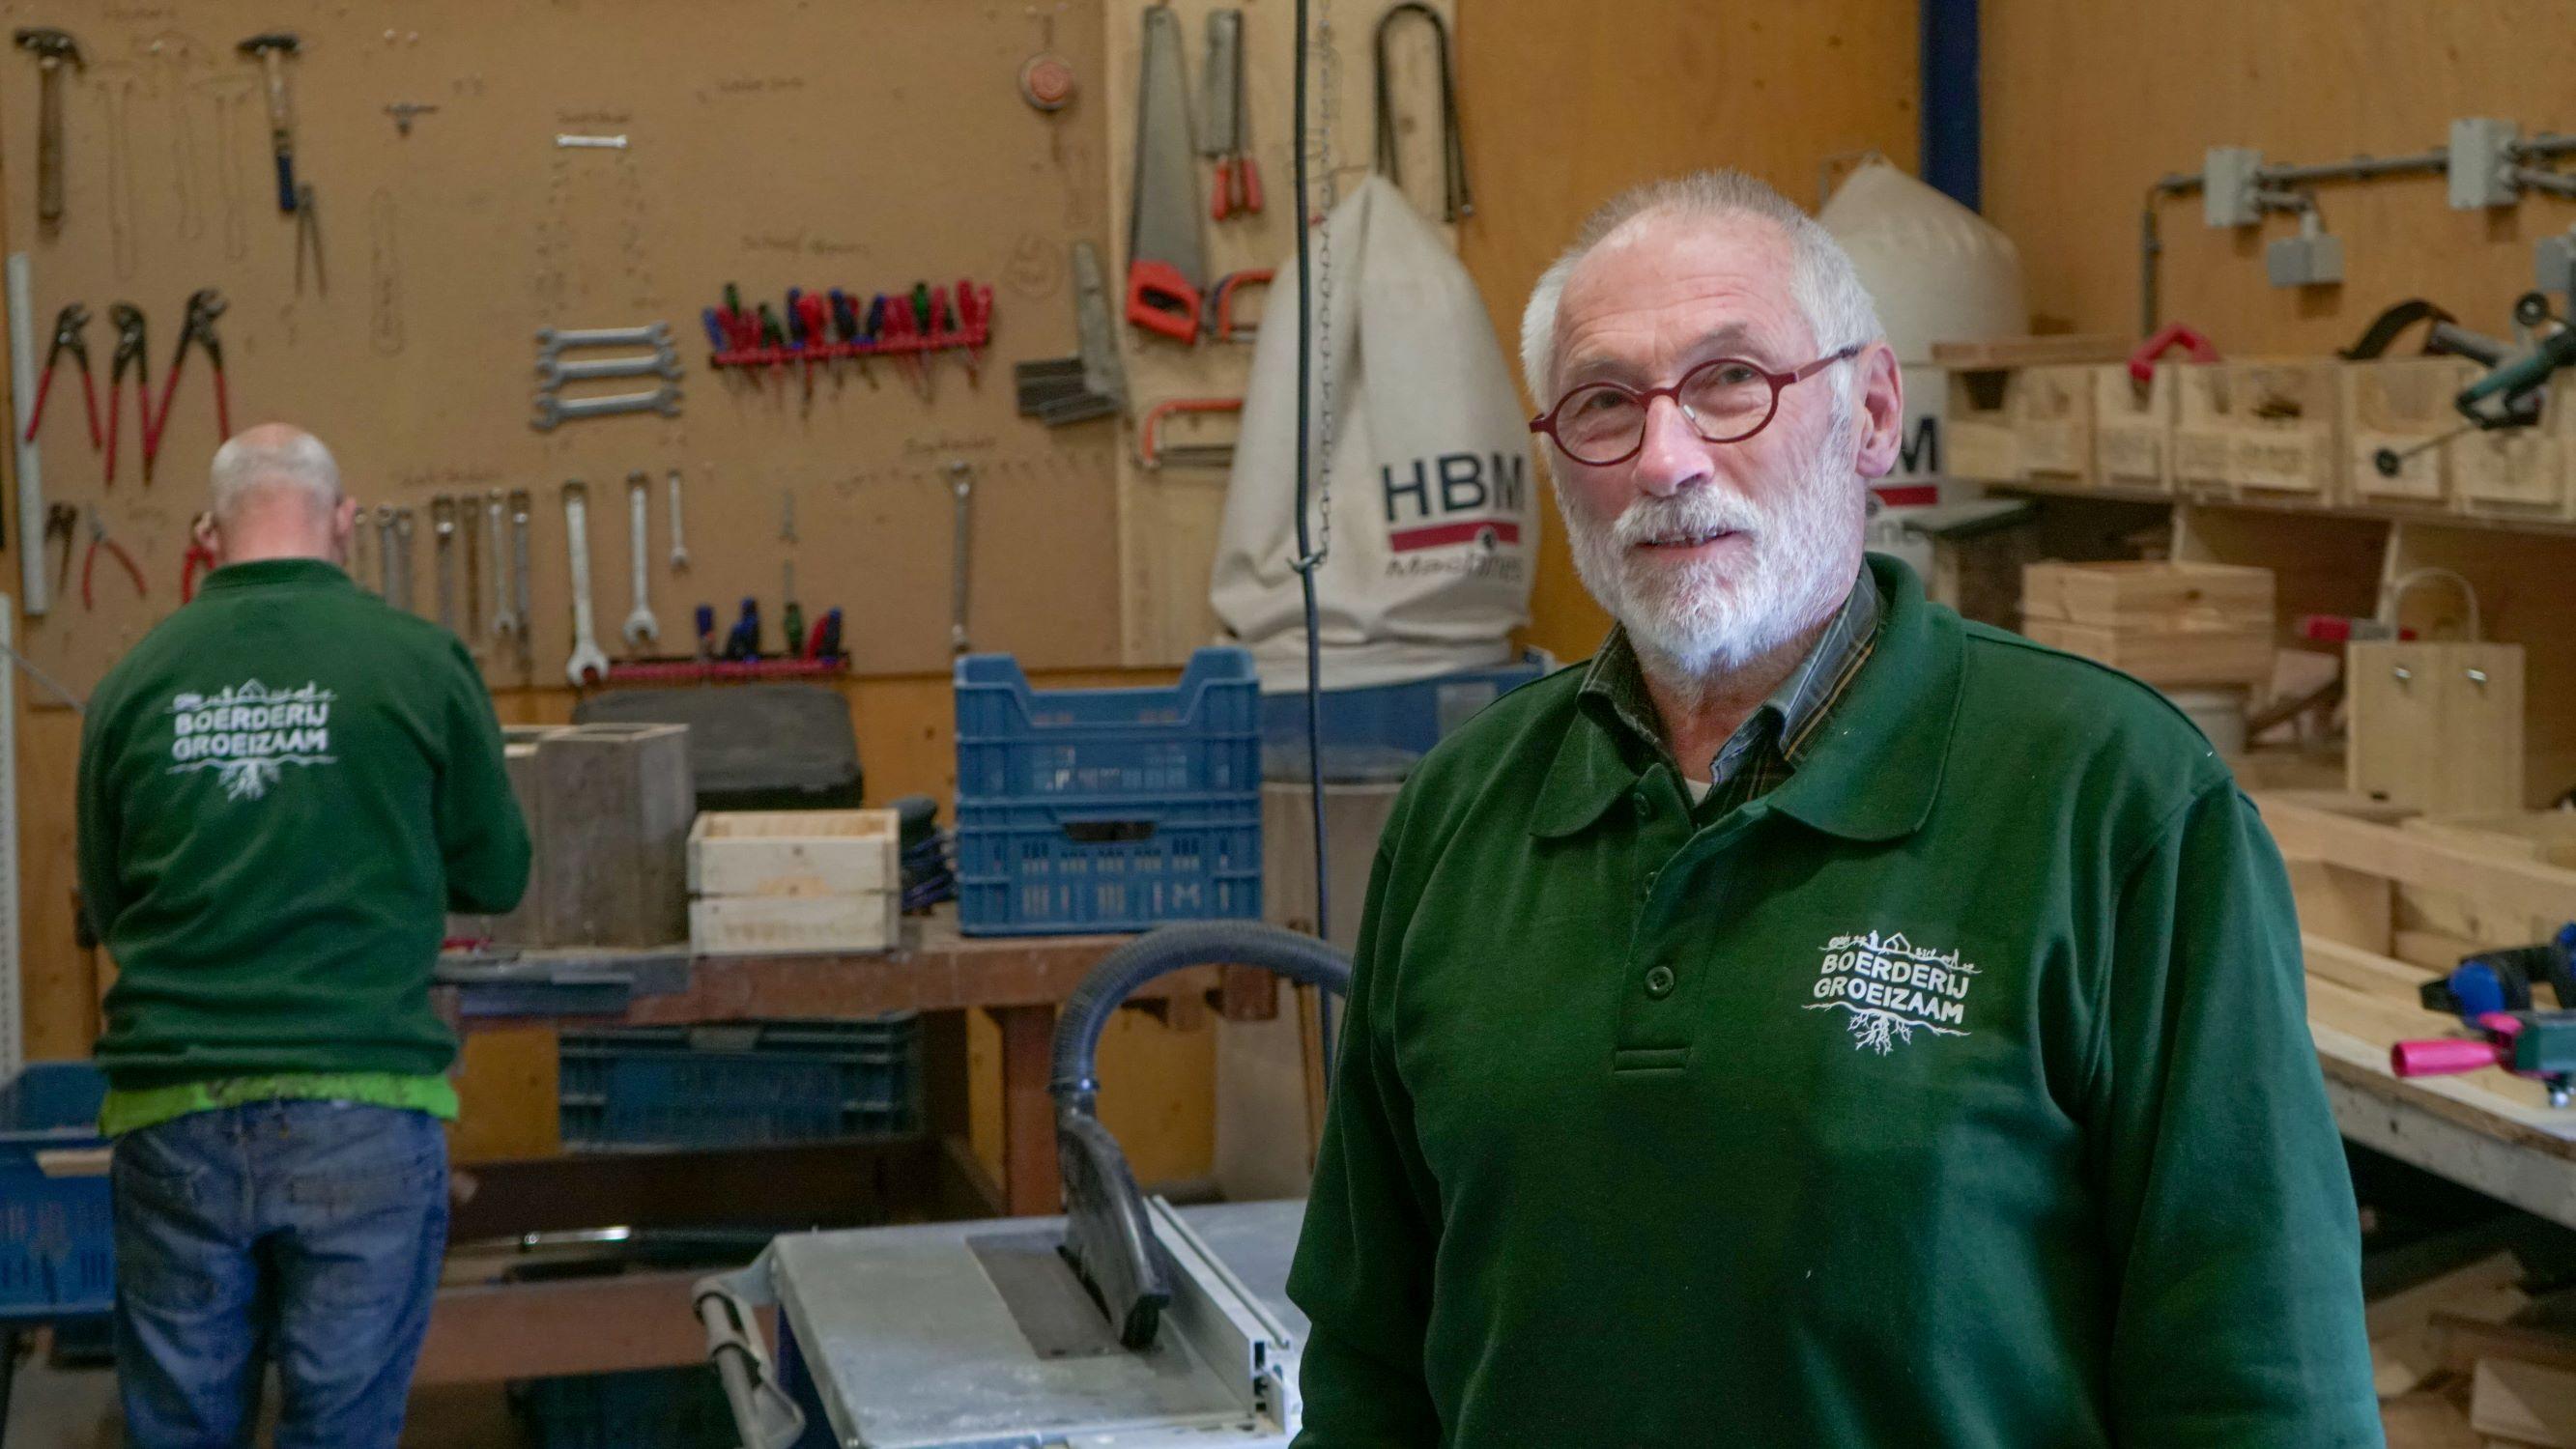 Vrijwilliger Hans bij Zorgboerderij GroeiZaam bij houtbewerking